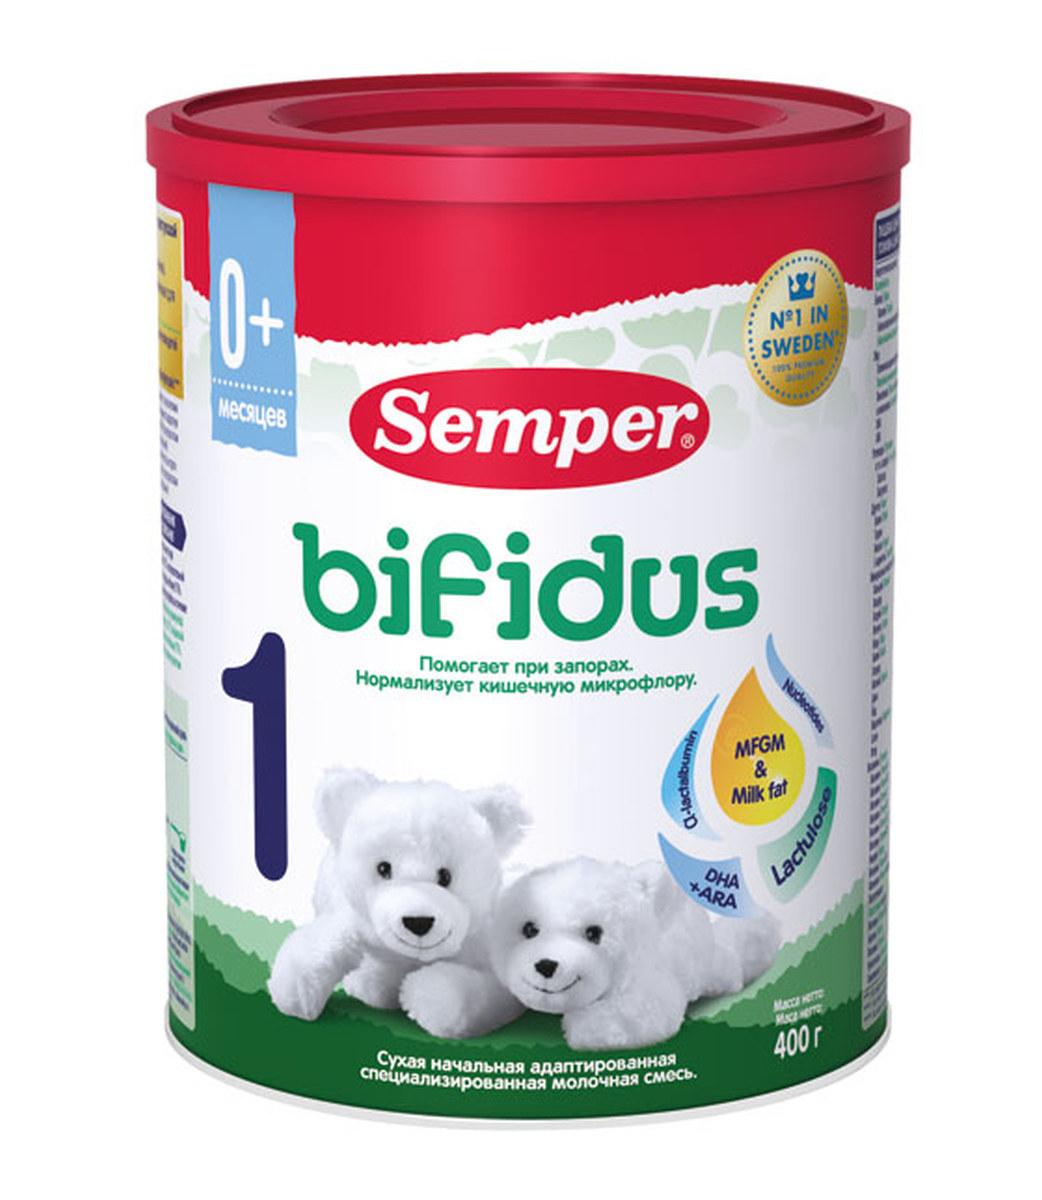 Semper Bifidus 1 смесь молочная с 0 месяцев, 400 г молочные смеси semper молочная смесь bifidus nutradefense 2 6 12 мес 400 г